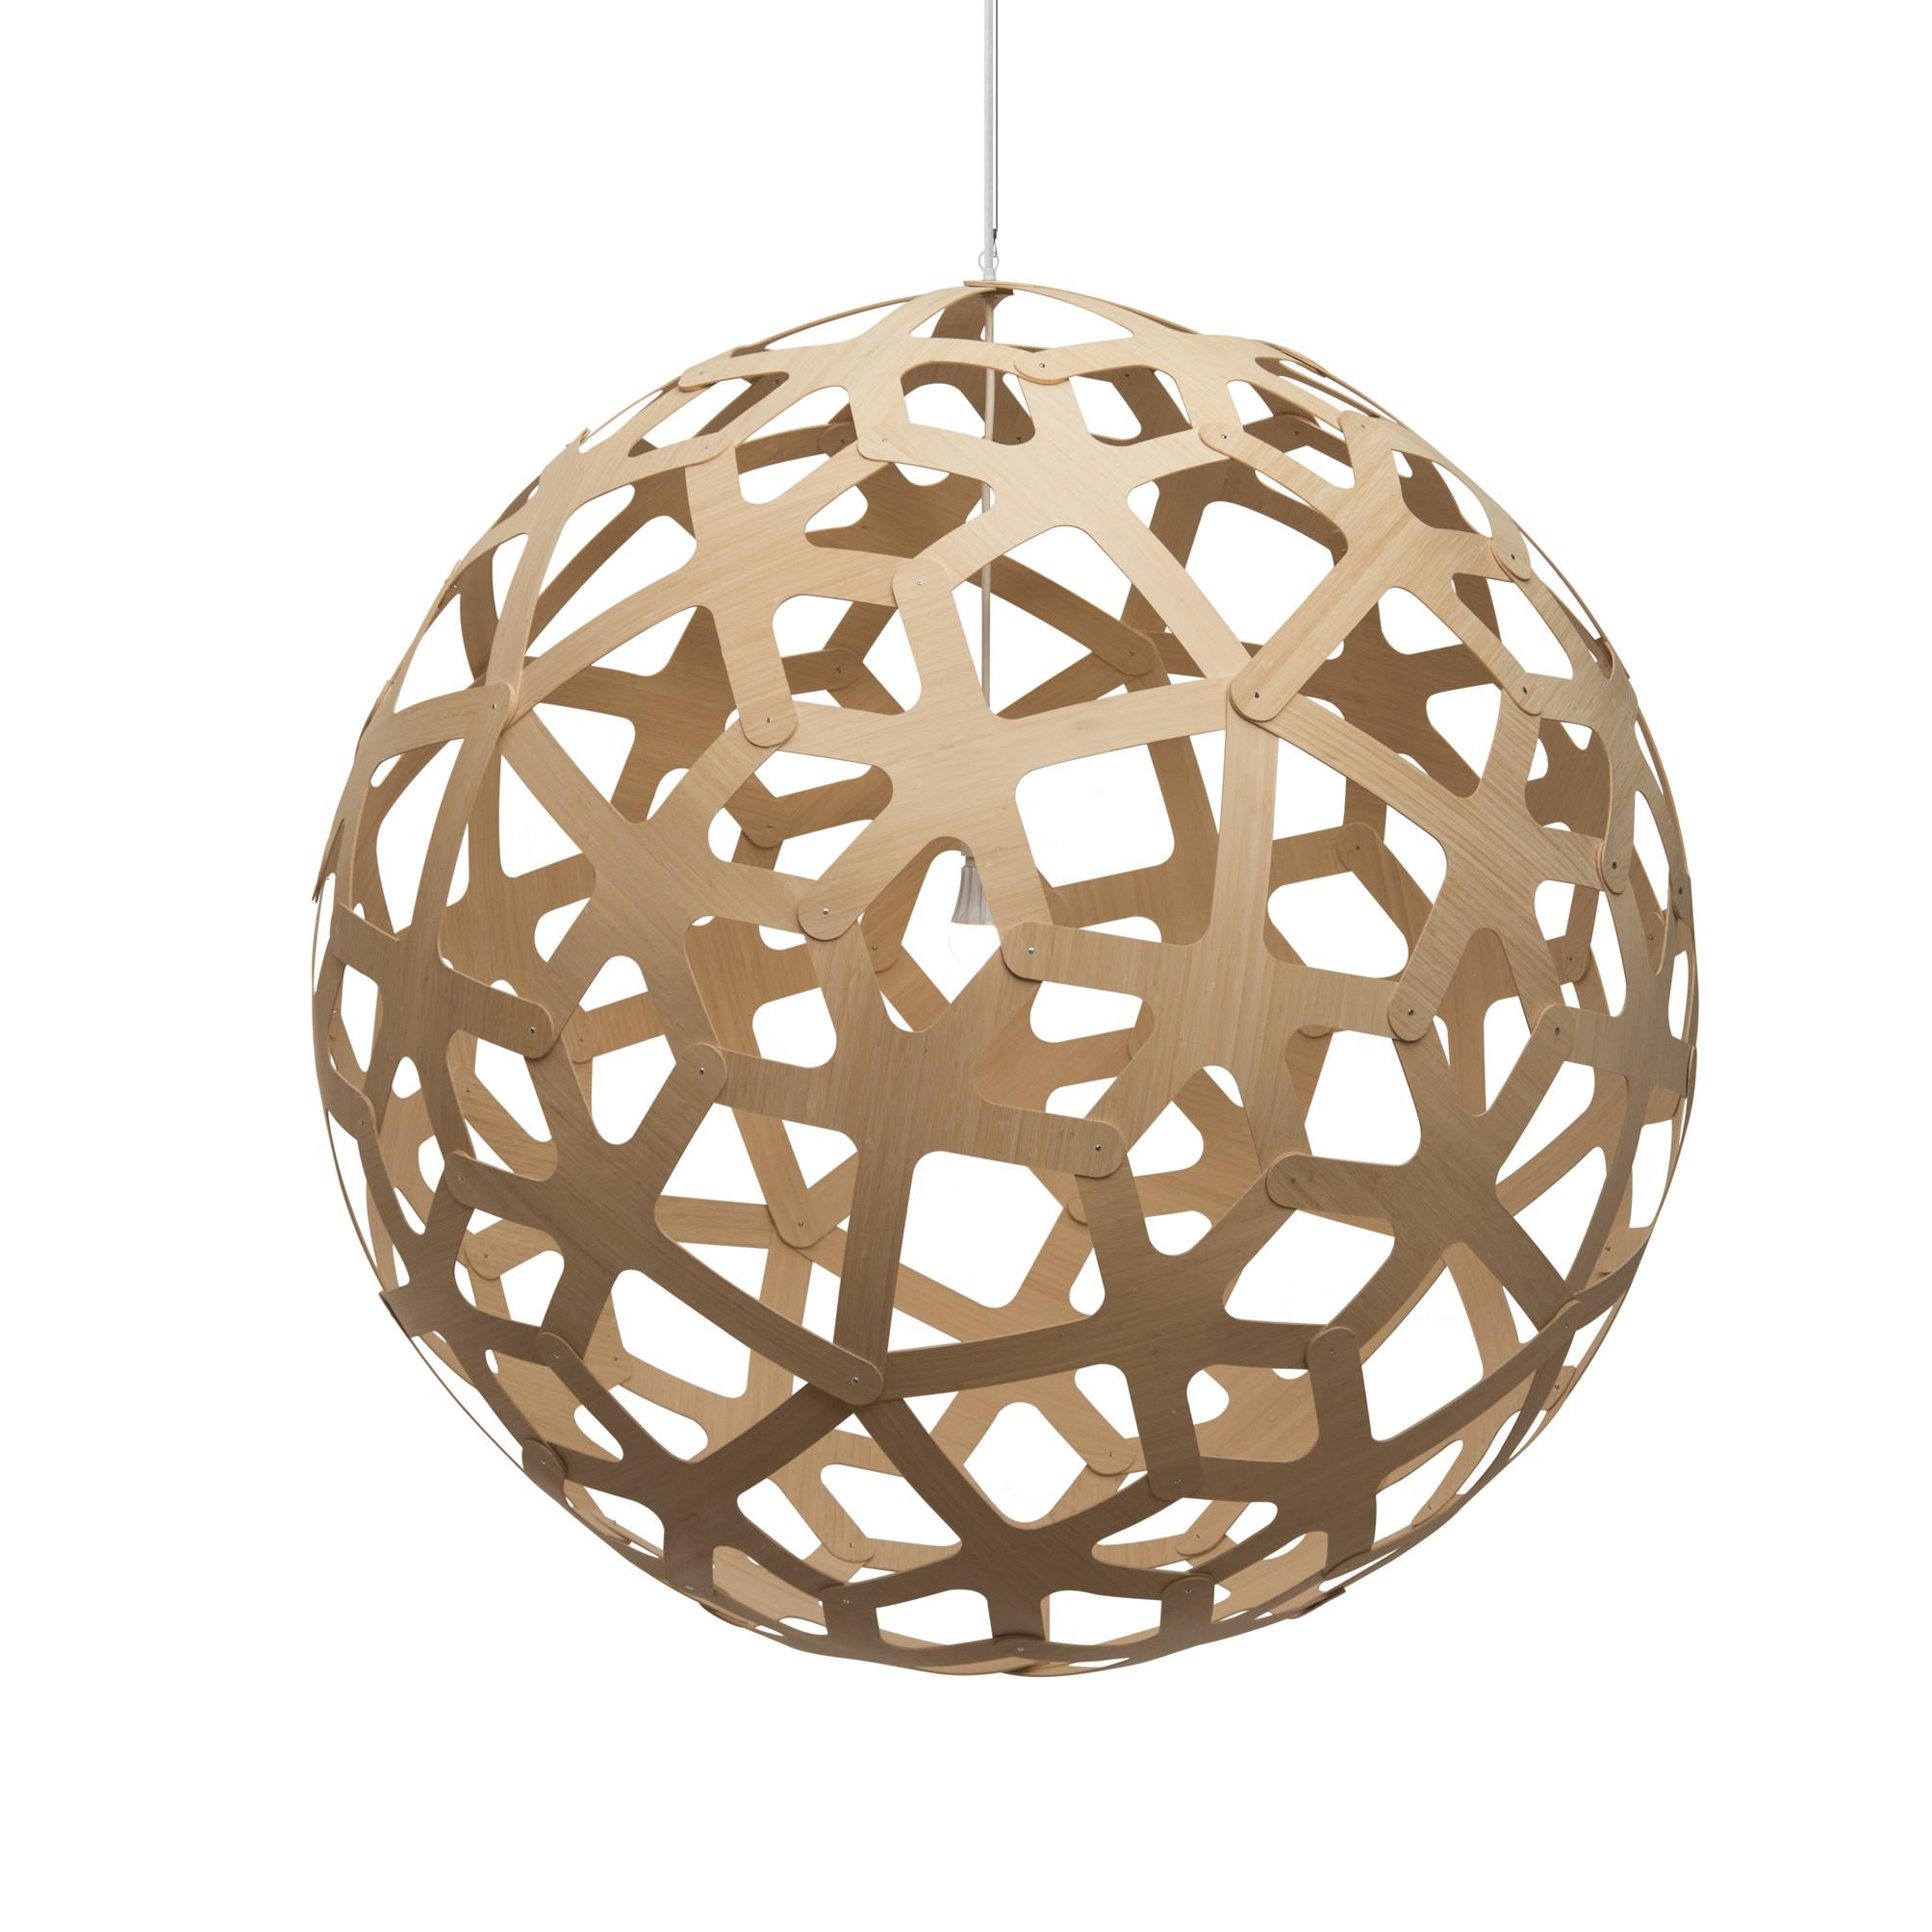 david-trubridge-coral-pendant-ligh-1600-coral-natural.jpg